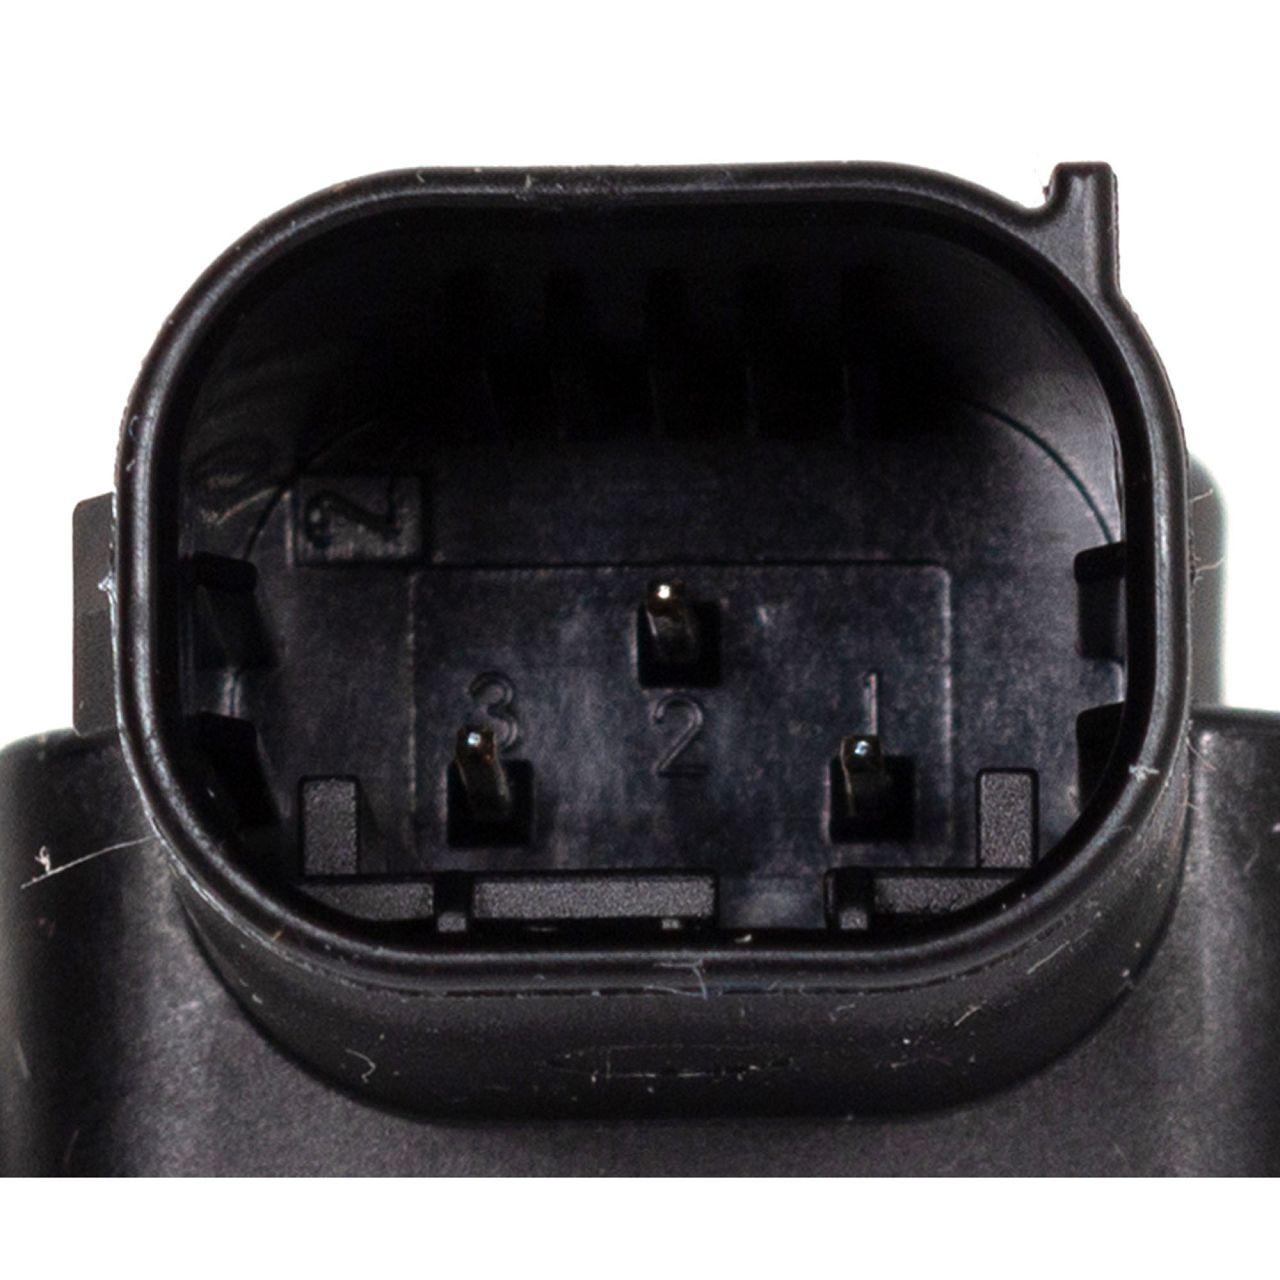 BOSCH 0261230439 Sensor Ladedruck MERCEDES W176 W204 W205 M139 OM646 OM651